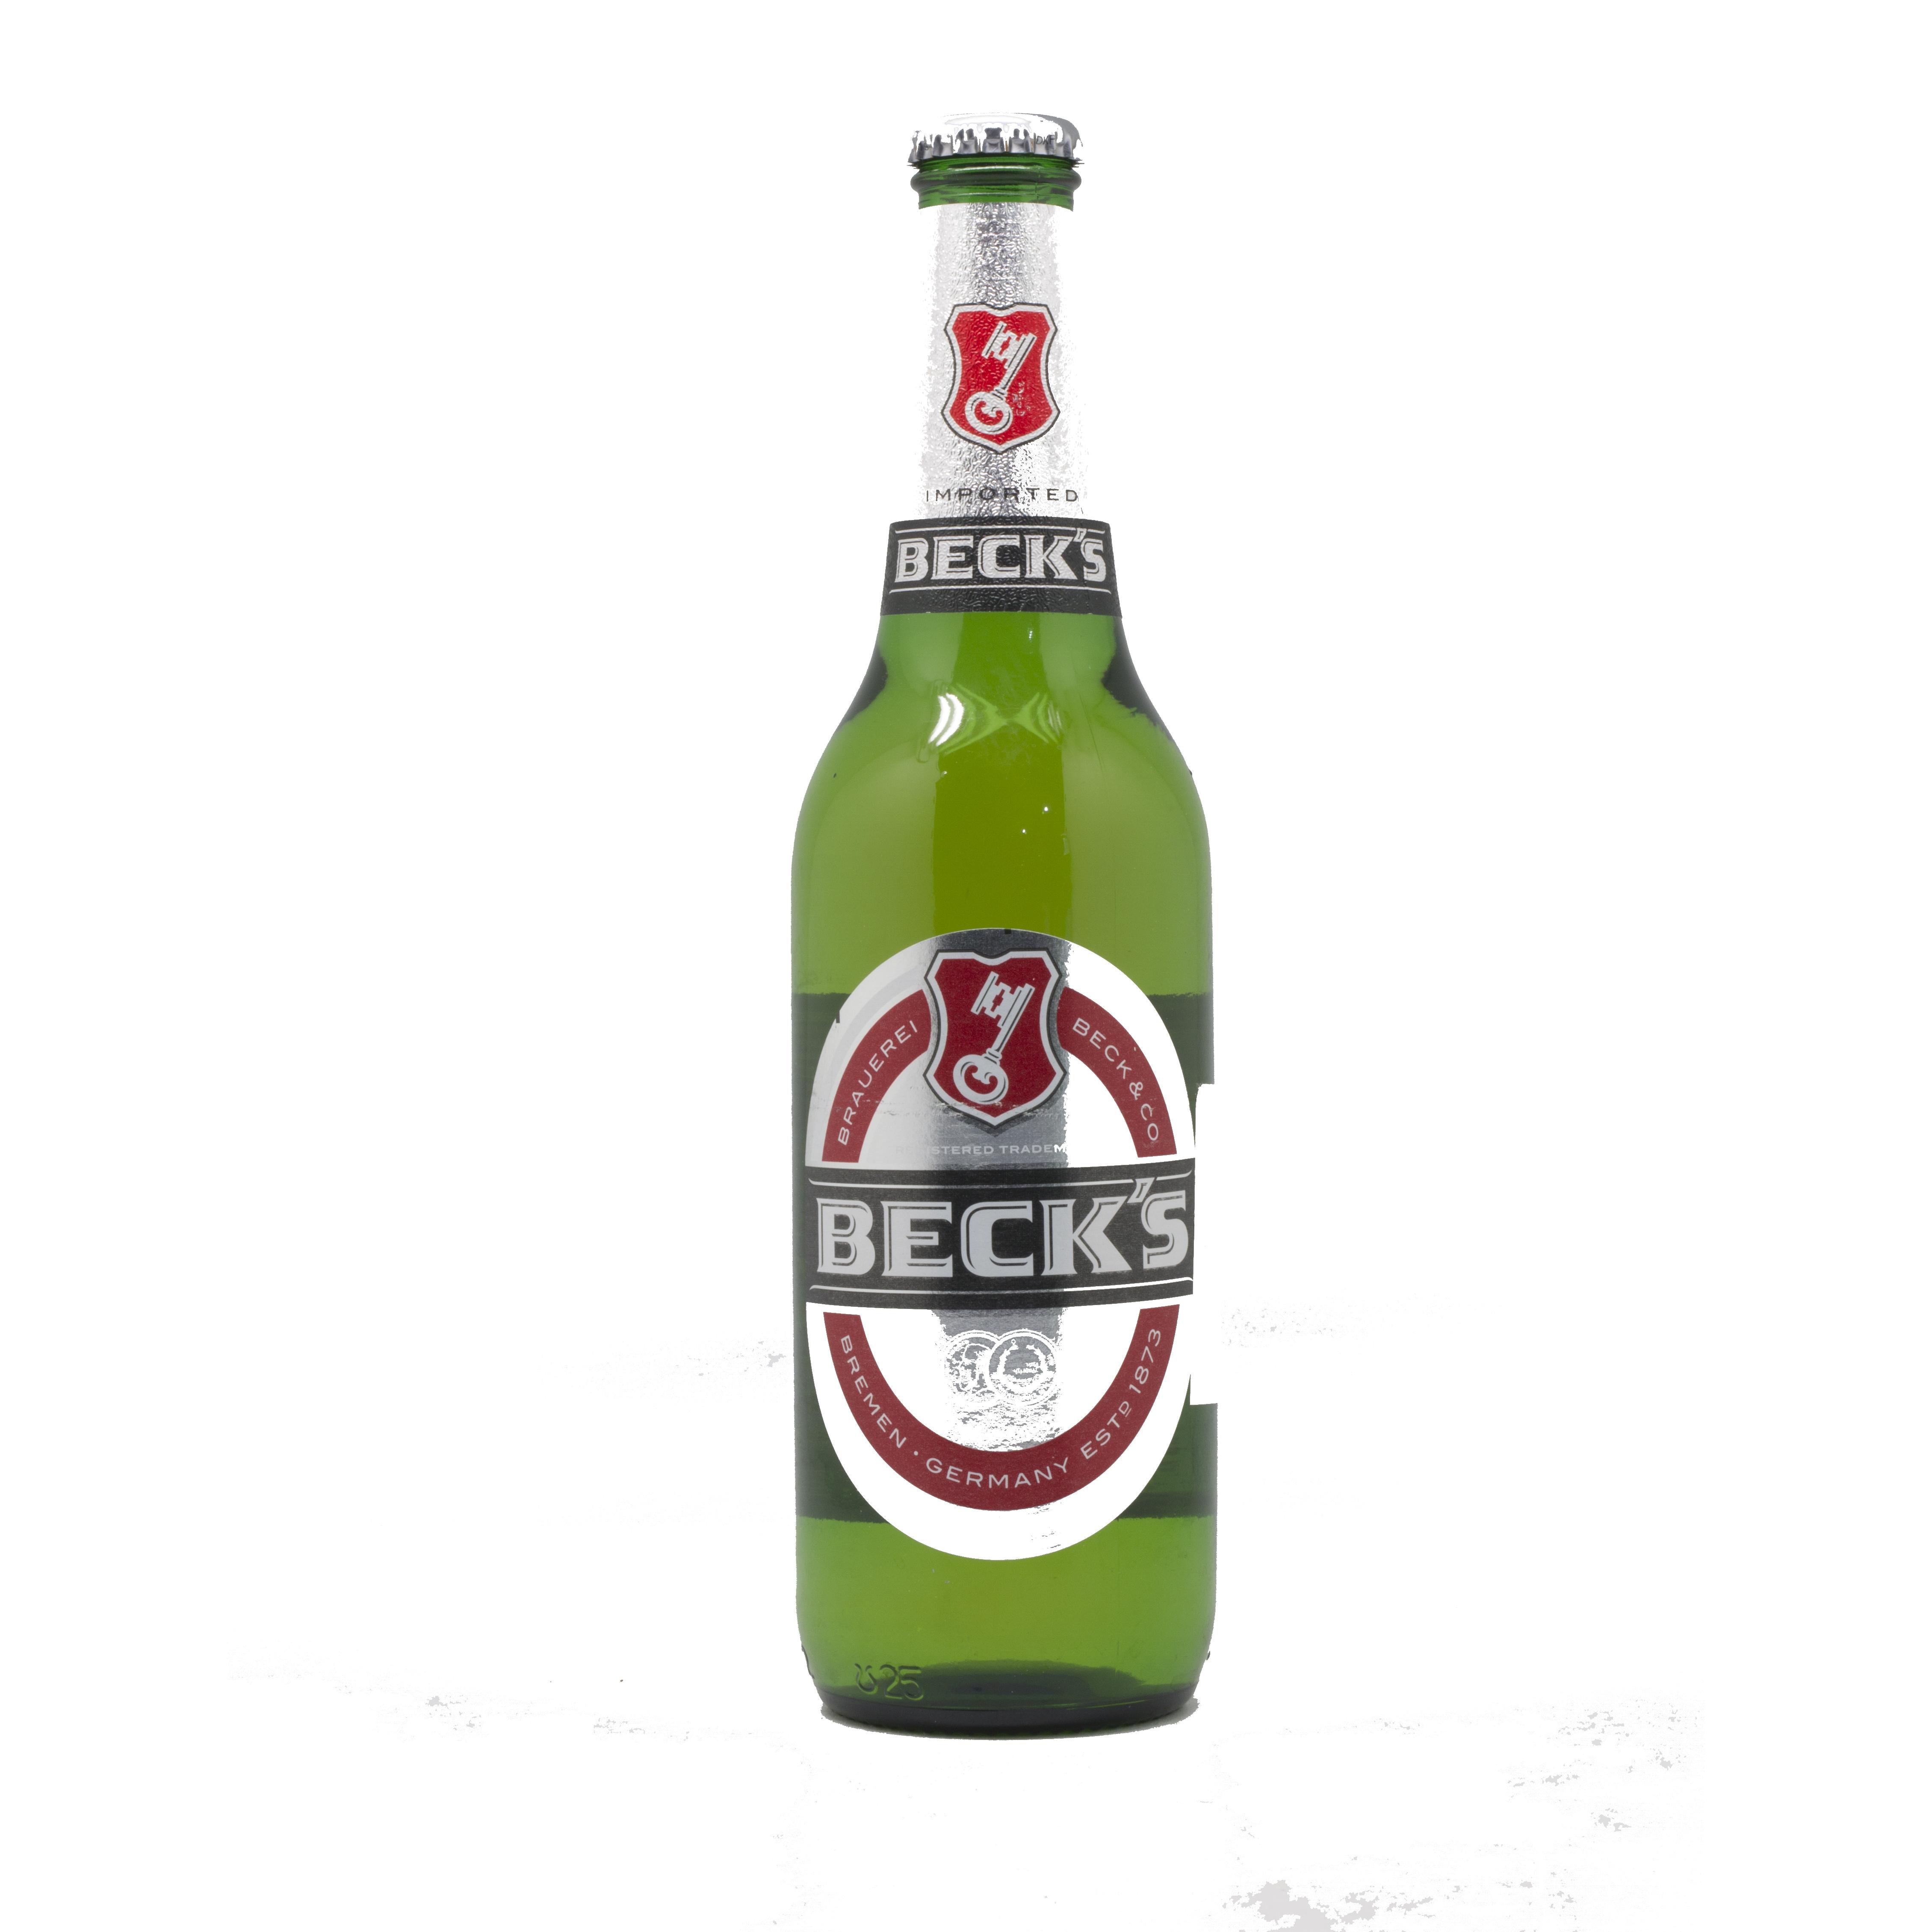 ლუდი ბექსი 0.5ლ  ბოთლი